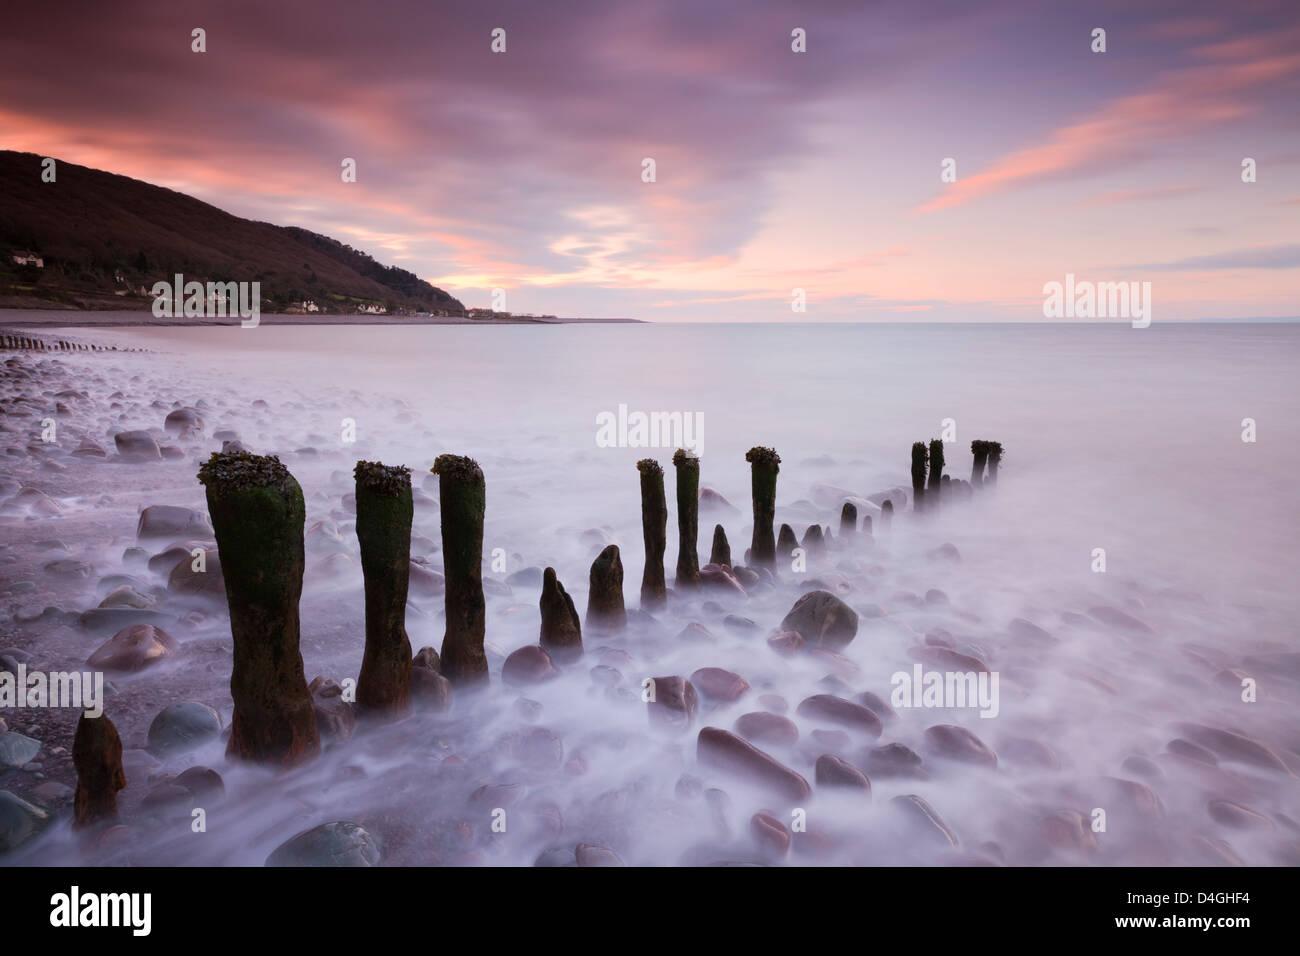 Legno stagionato groyne Porlock sulla Spiaggia, Parco Nazionale di Exmoor, Somerset, Inghilterra. Inverno (febbraio Immagini Stock